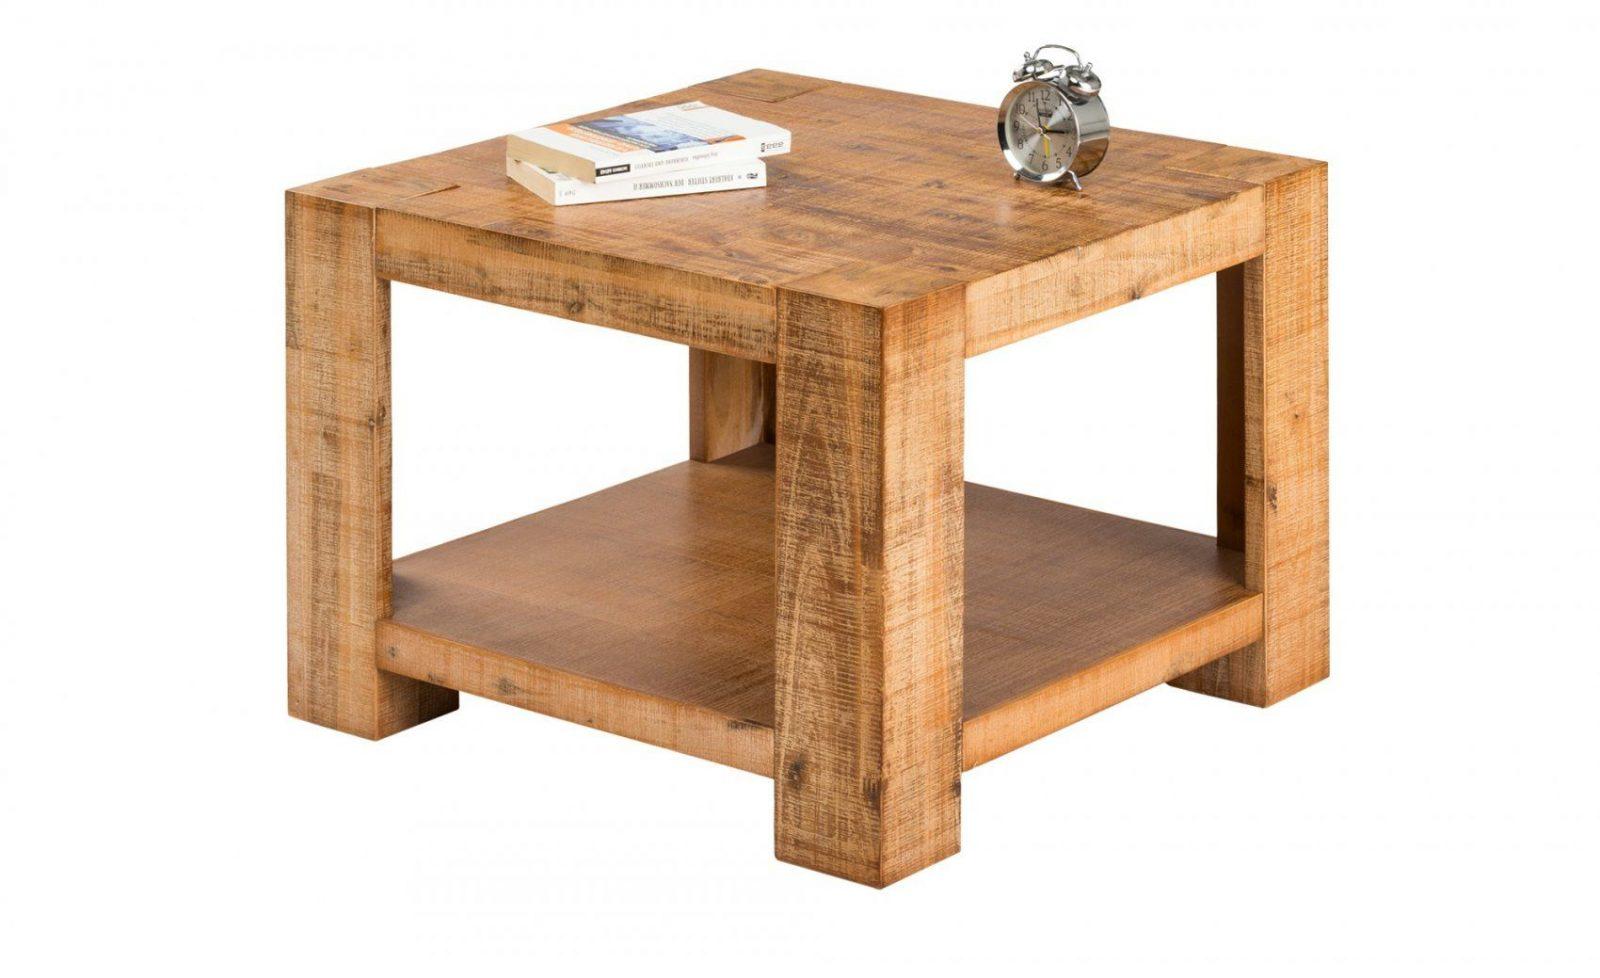 Couchtisch Akazienholz Massiv Tinetto  Möbel Höffner von Möbel Höffner Couchtisch Bild